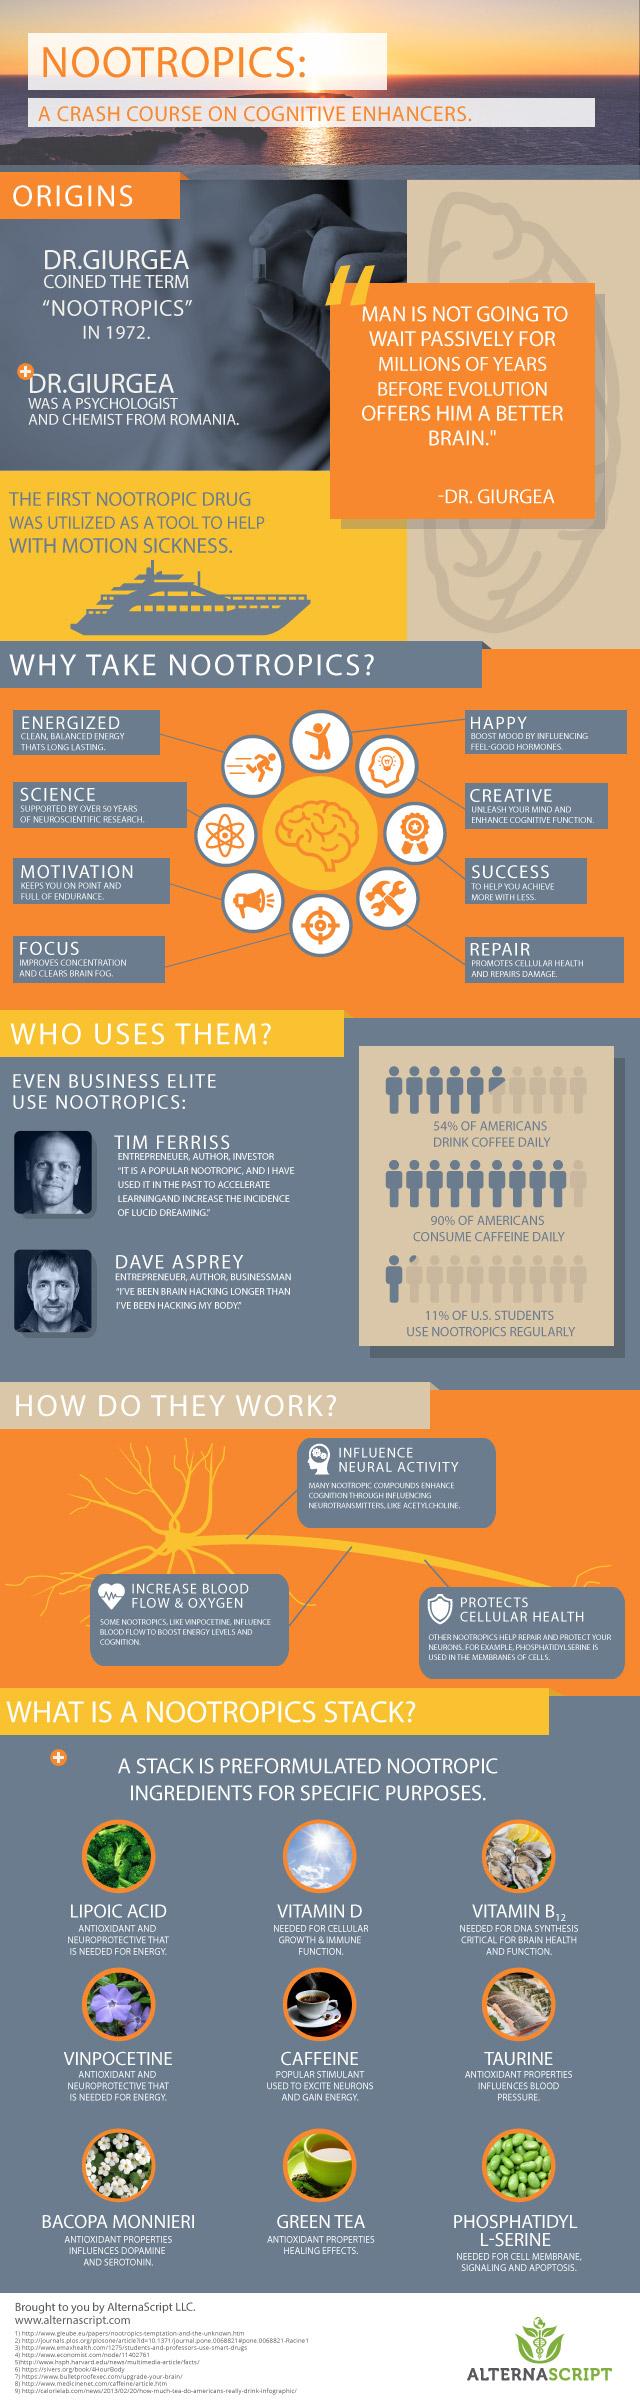 nootropics infographic